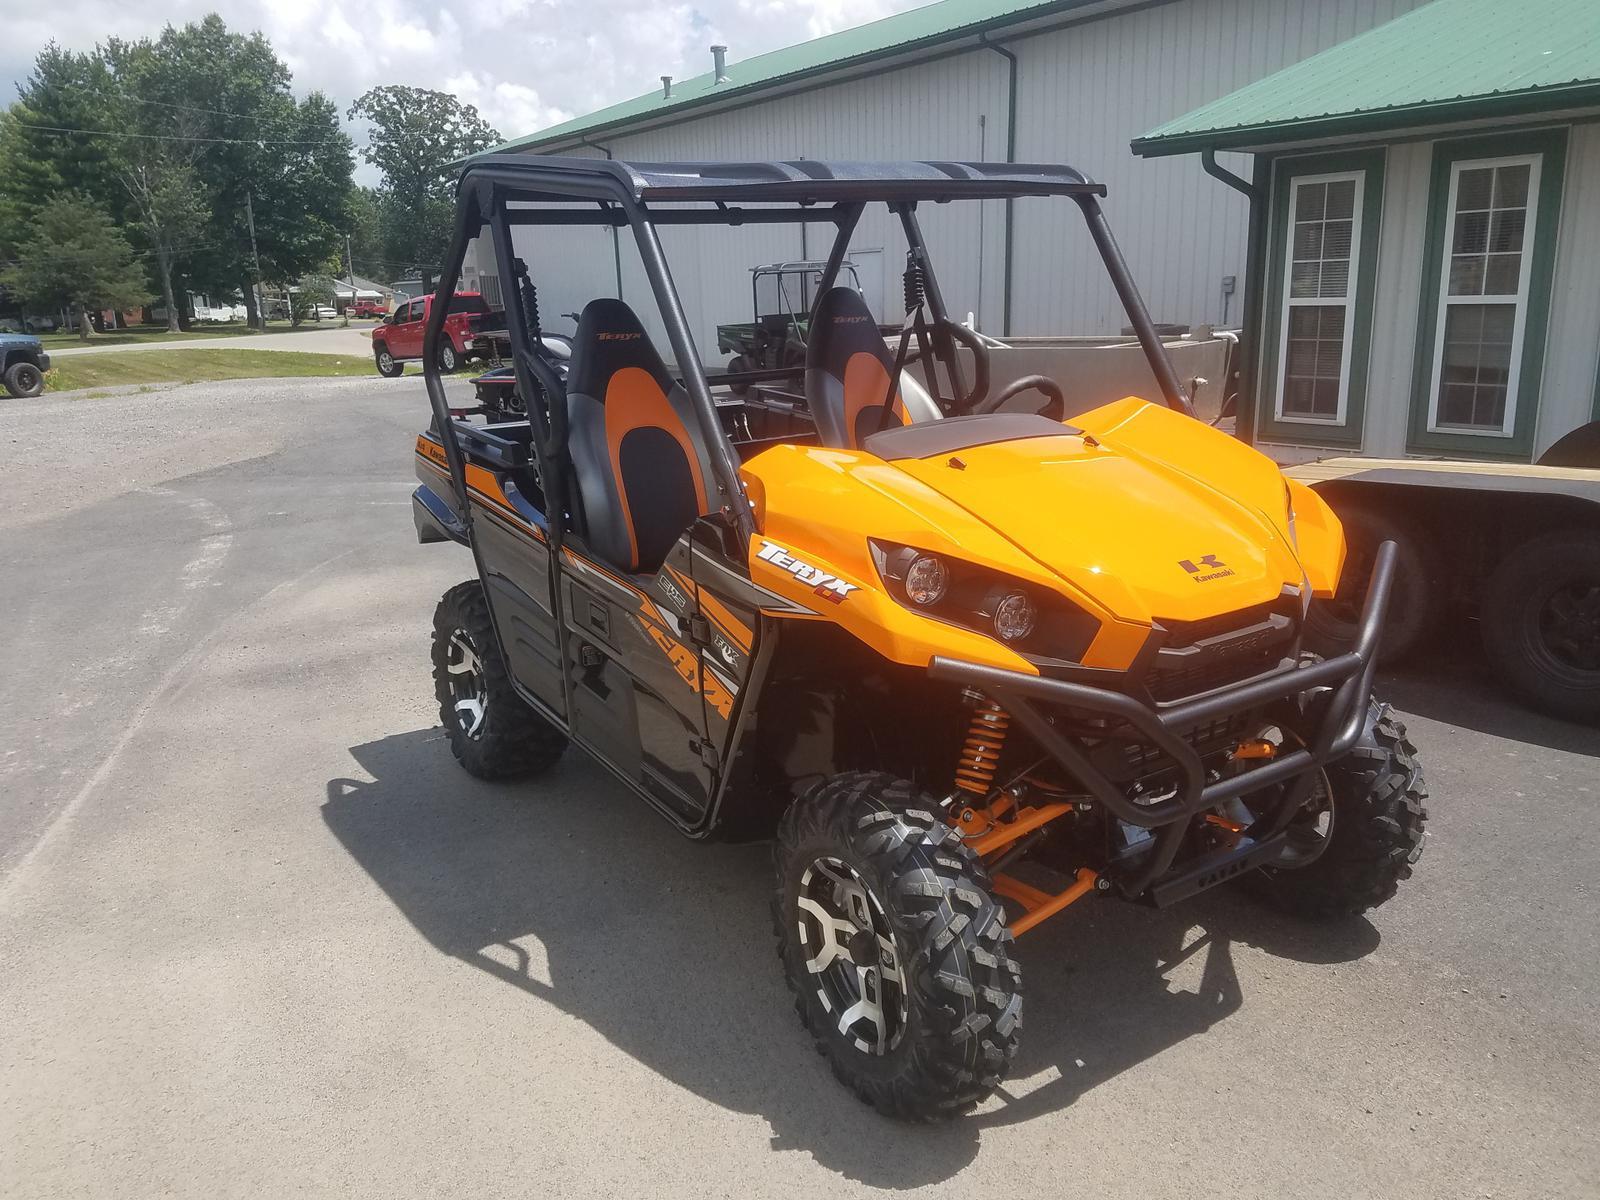 0afe0eb5f3 2019 Kawasaki Teryx LE Orange for sale in Herrin, IL. Good Guys ...